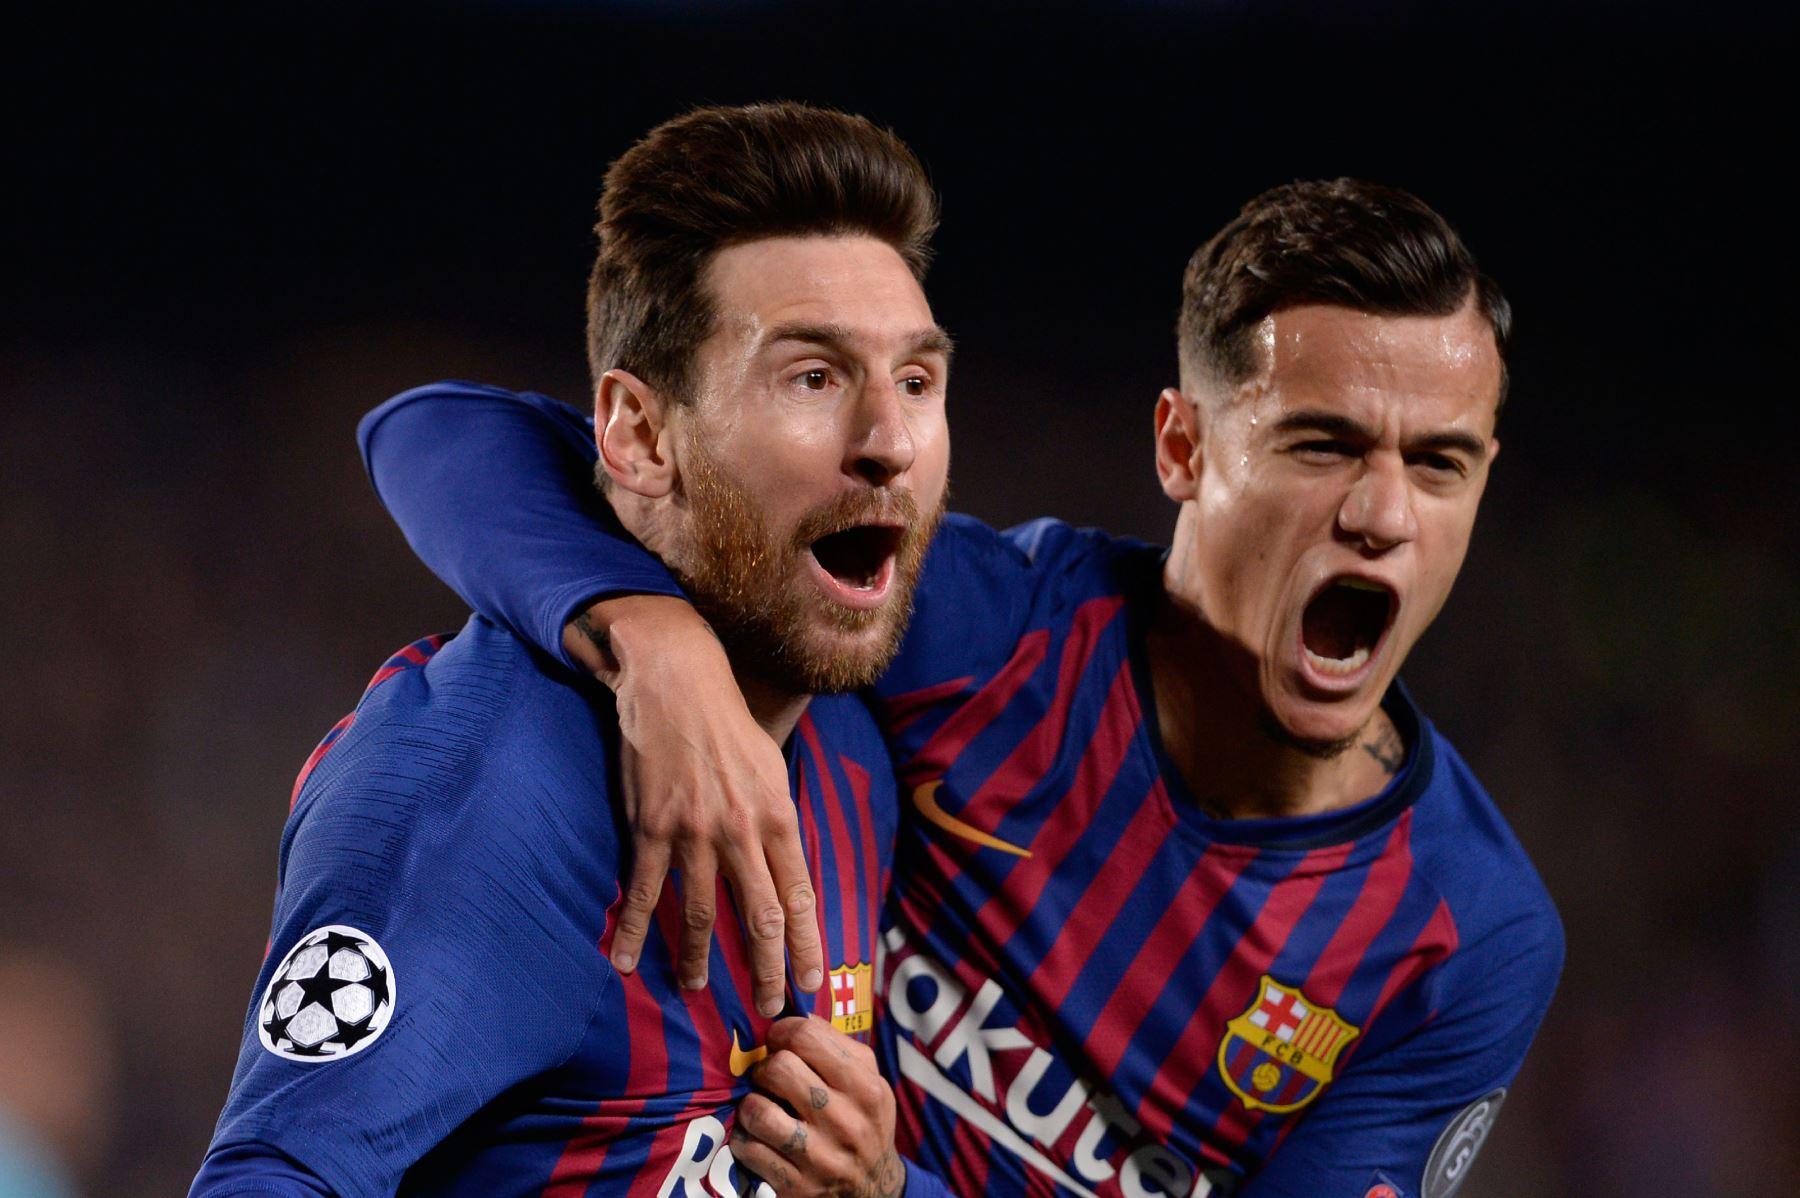 El delantero argentino del Barcelona Lionel Messi (L) celebra con el mediocampista brasileño Philippe Coutinho luego de marcar un gol durante el partido de fútbol de la segunda etapa de la UEFA Champions League entre Barcelona y Manchester United.Foto:AFP